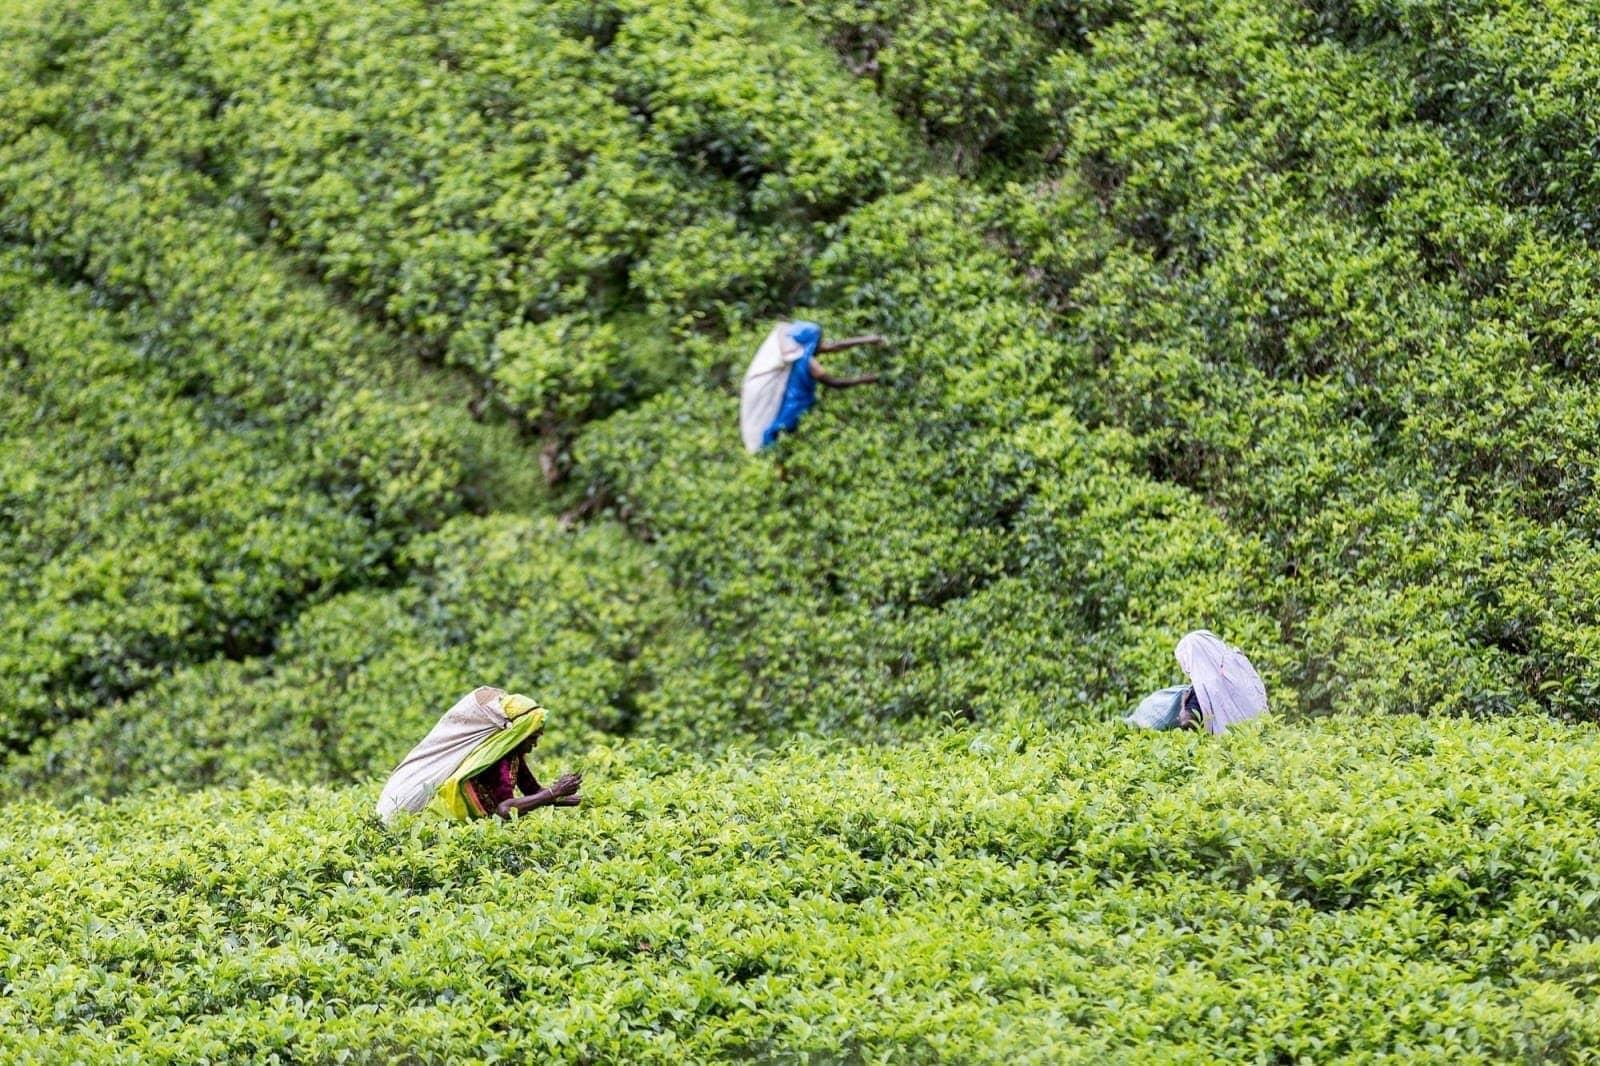 Tea pickers Sri Lanka 1